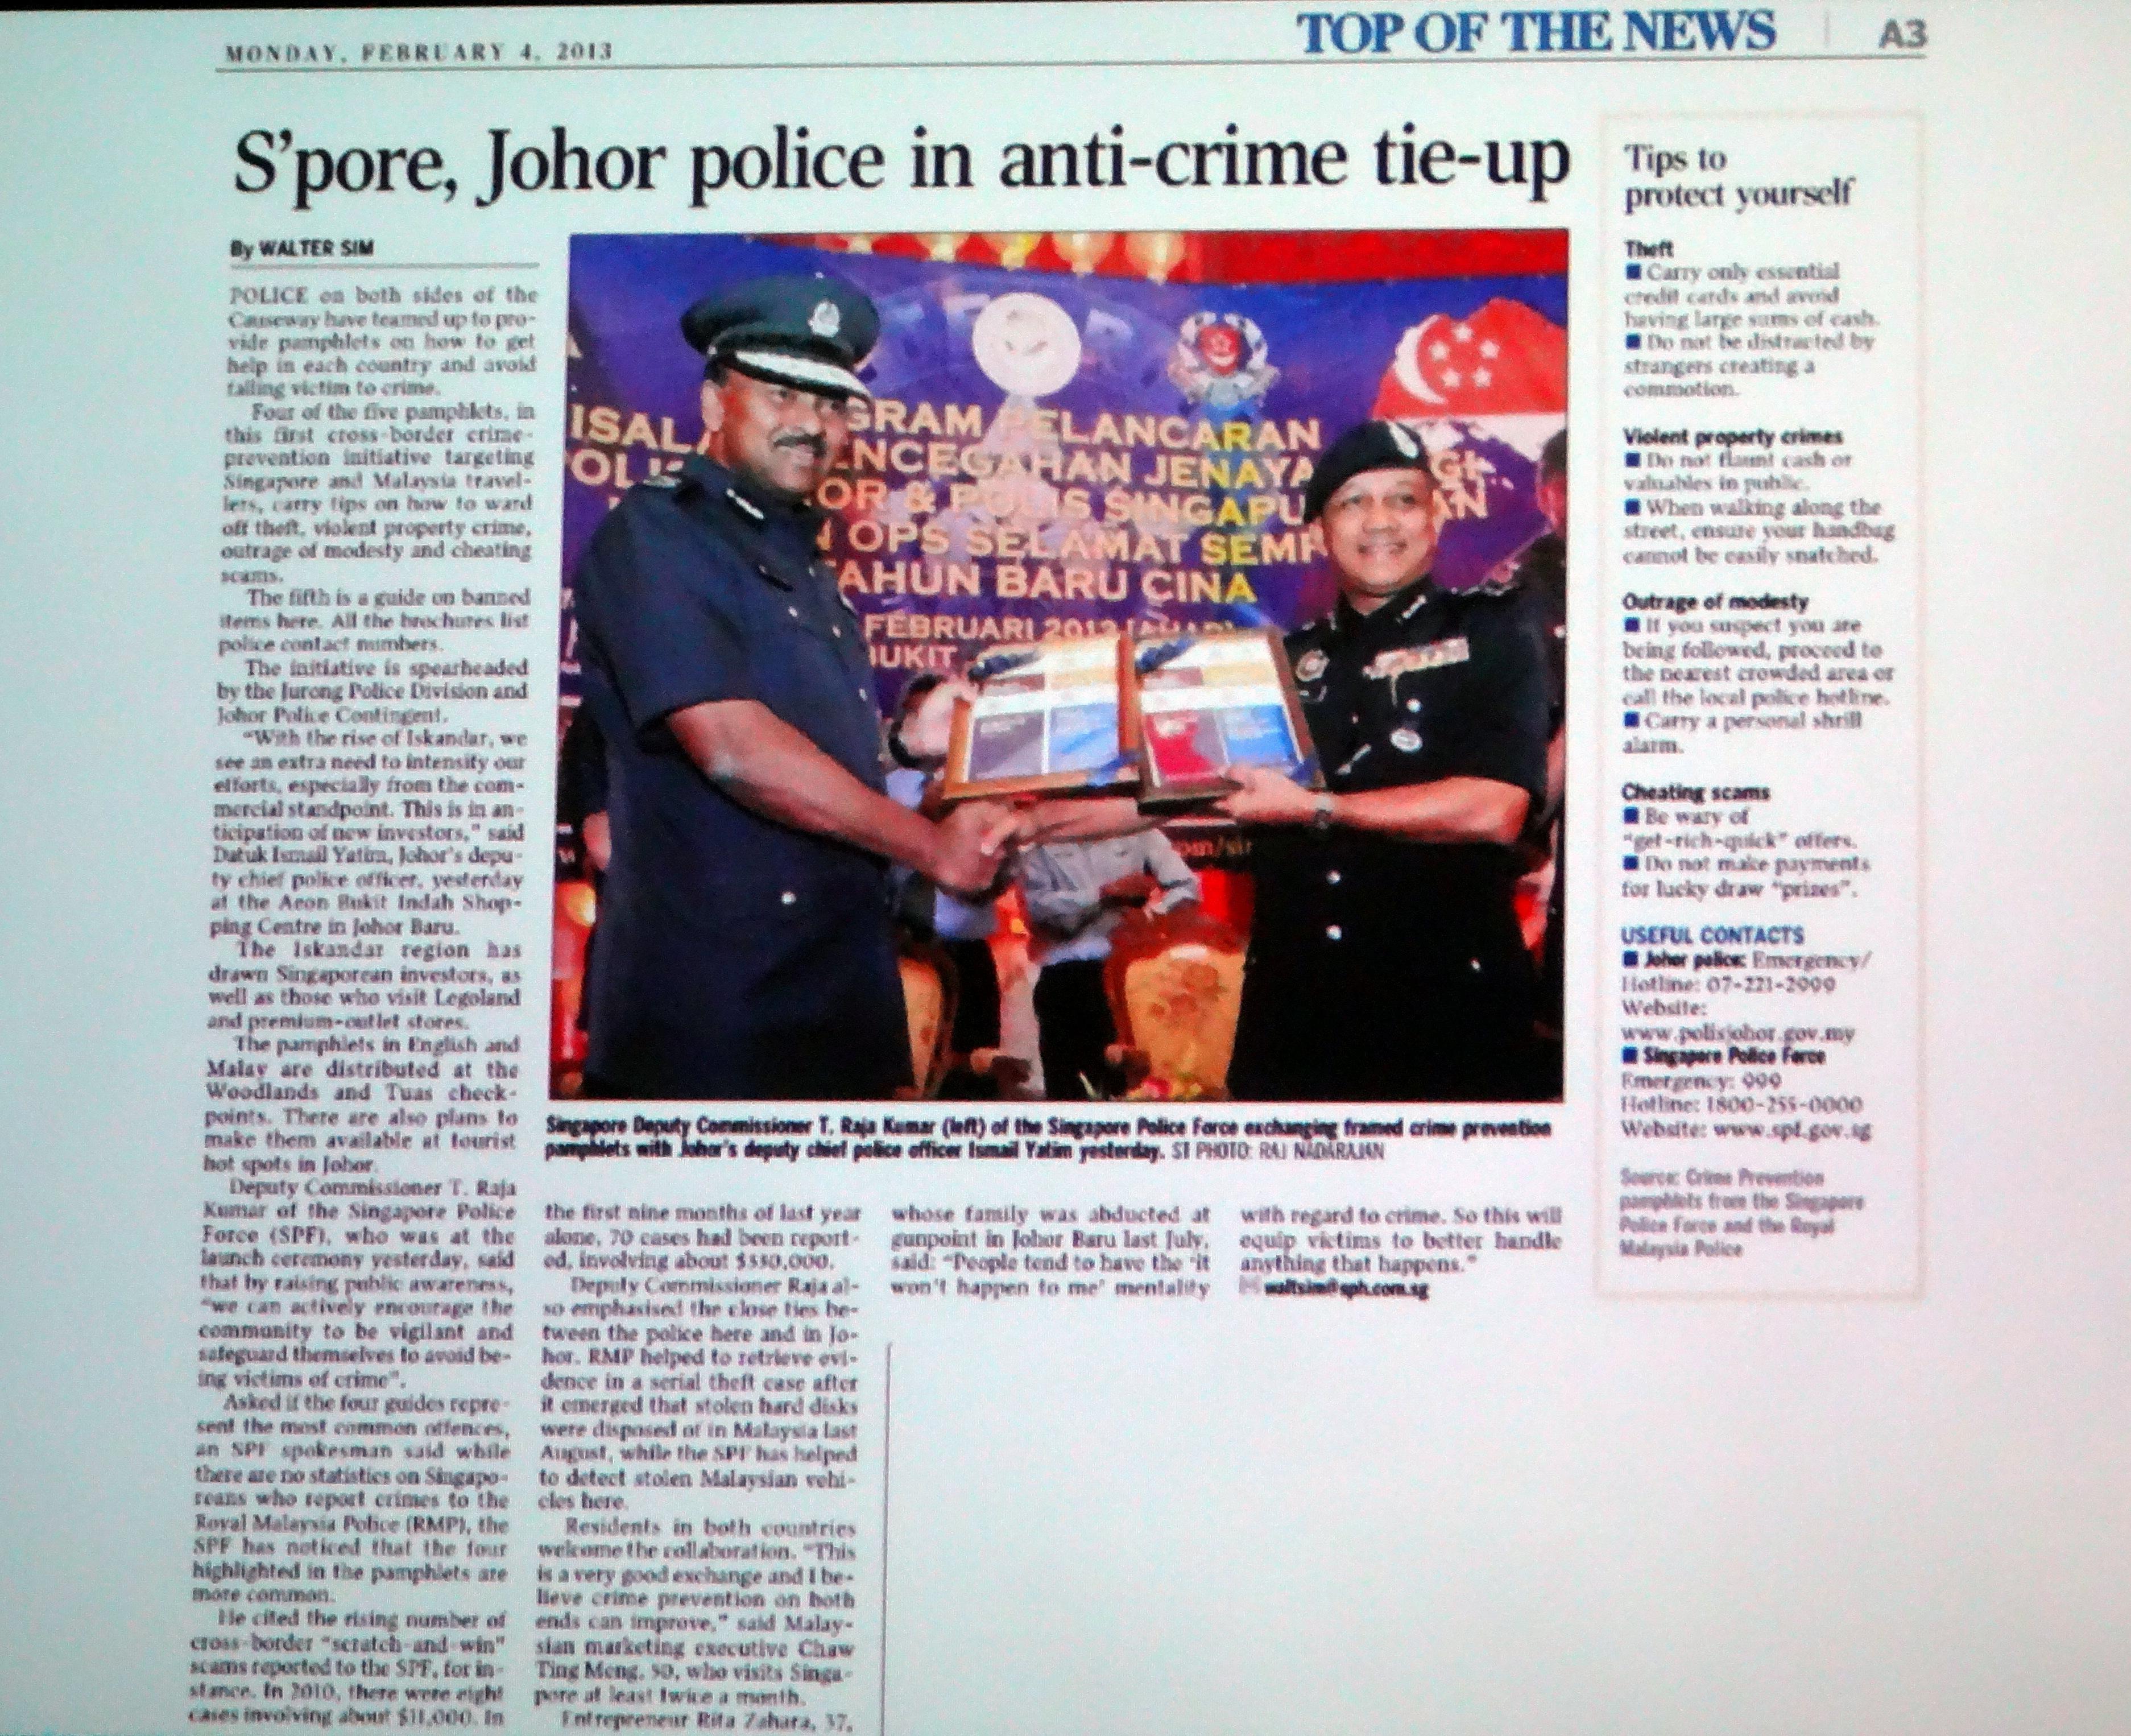 Spore Johor police in anti – crime tie-up